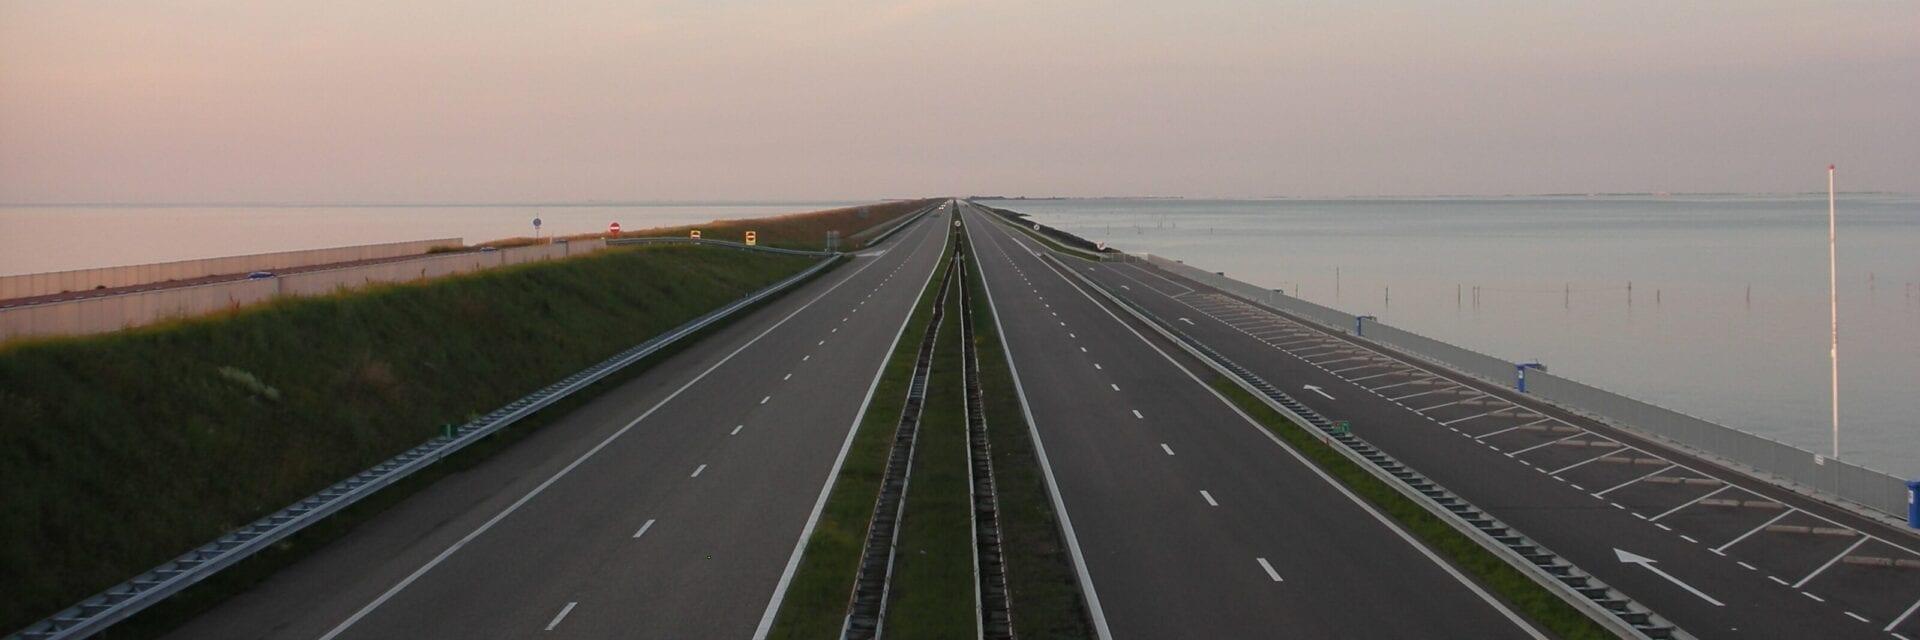 Wij zien een foto van de wegdelen bij de Afsluitdijk. Er zijn vijf stroken. Op de achtergrond zien we de gekleurde lucht van een zonsondergang. Aan de zijkant zien wij het IJsselmeer.